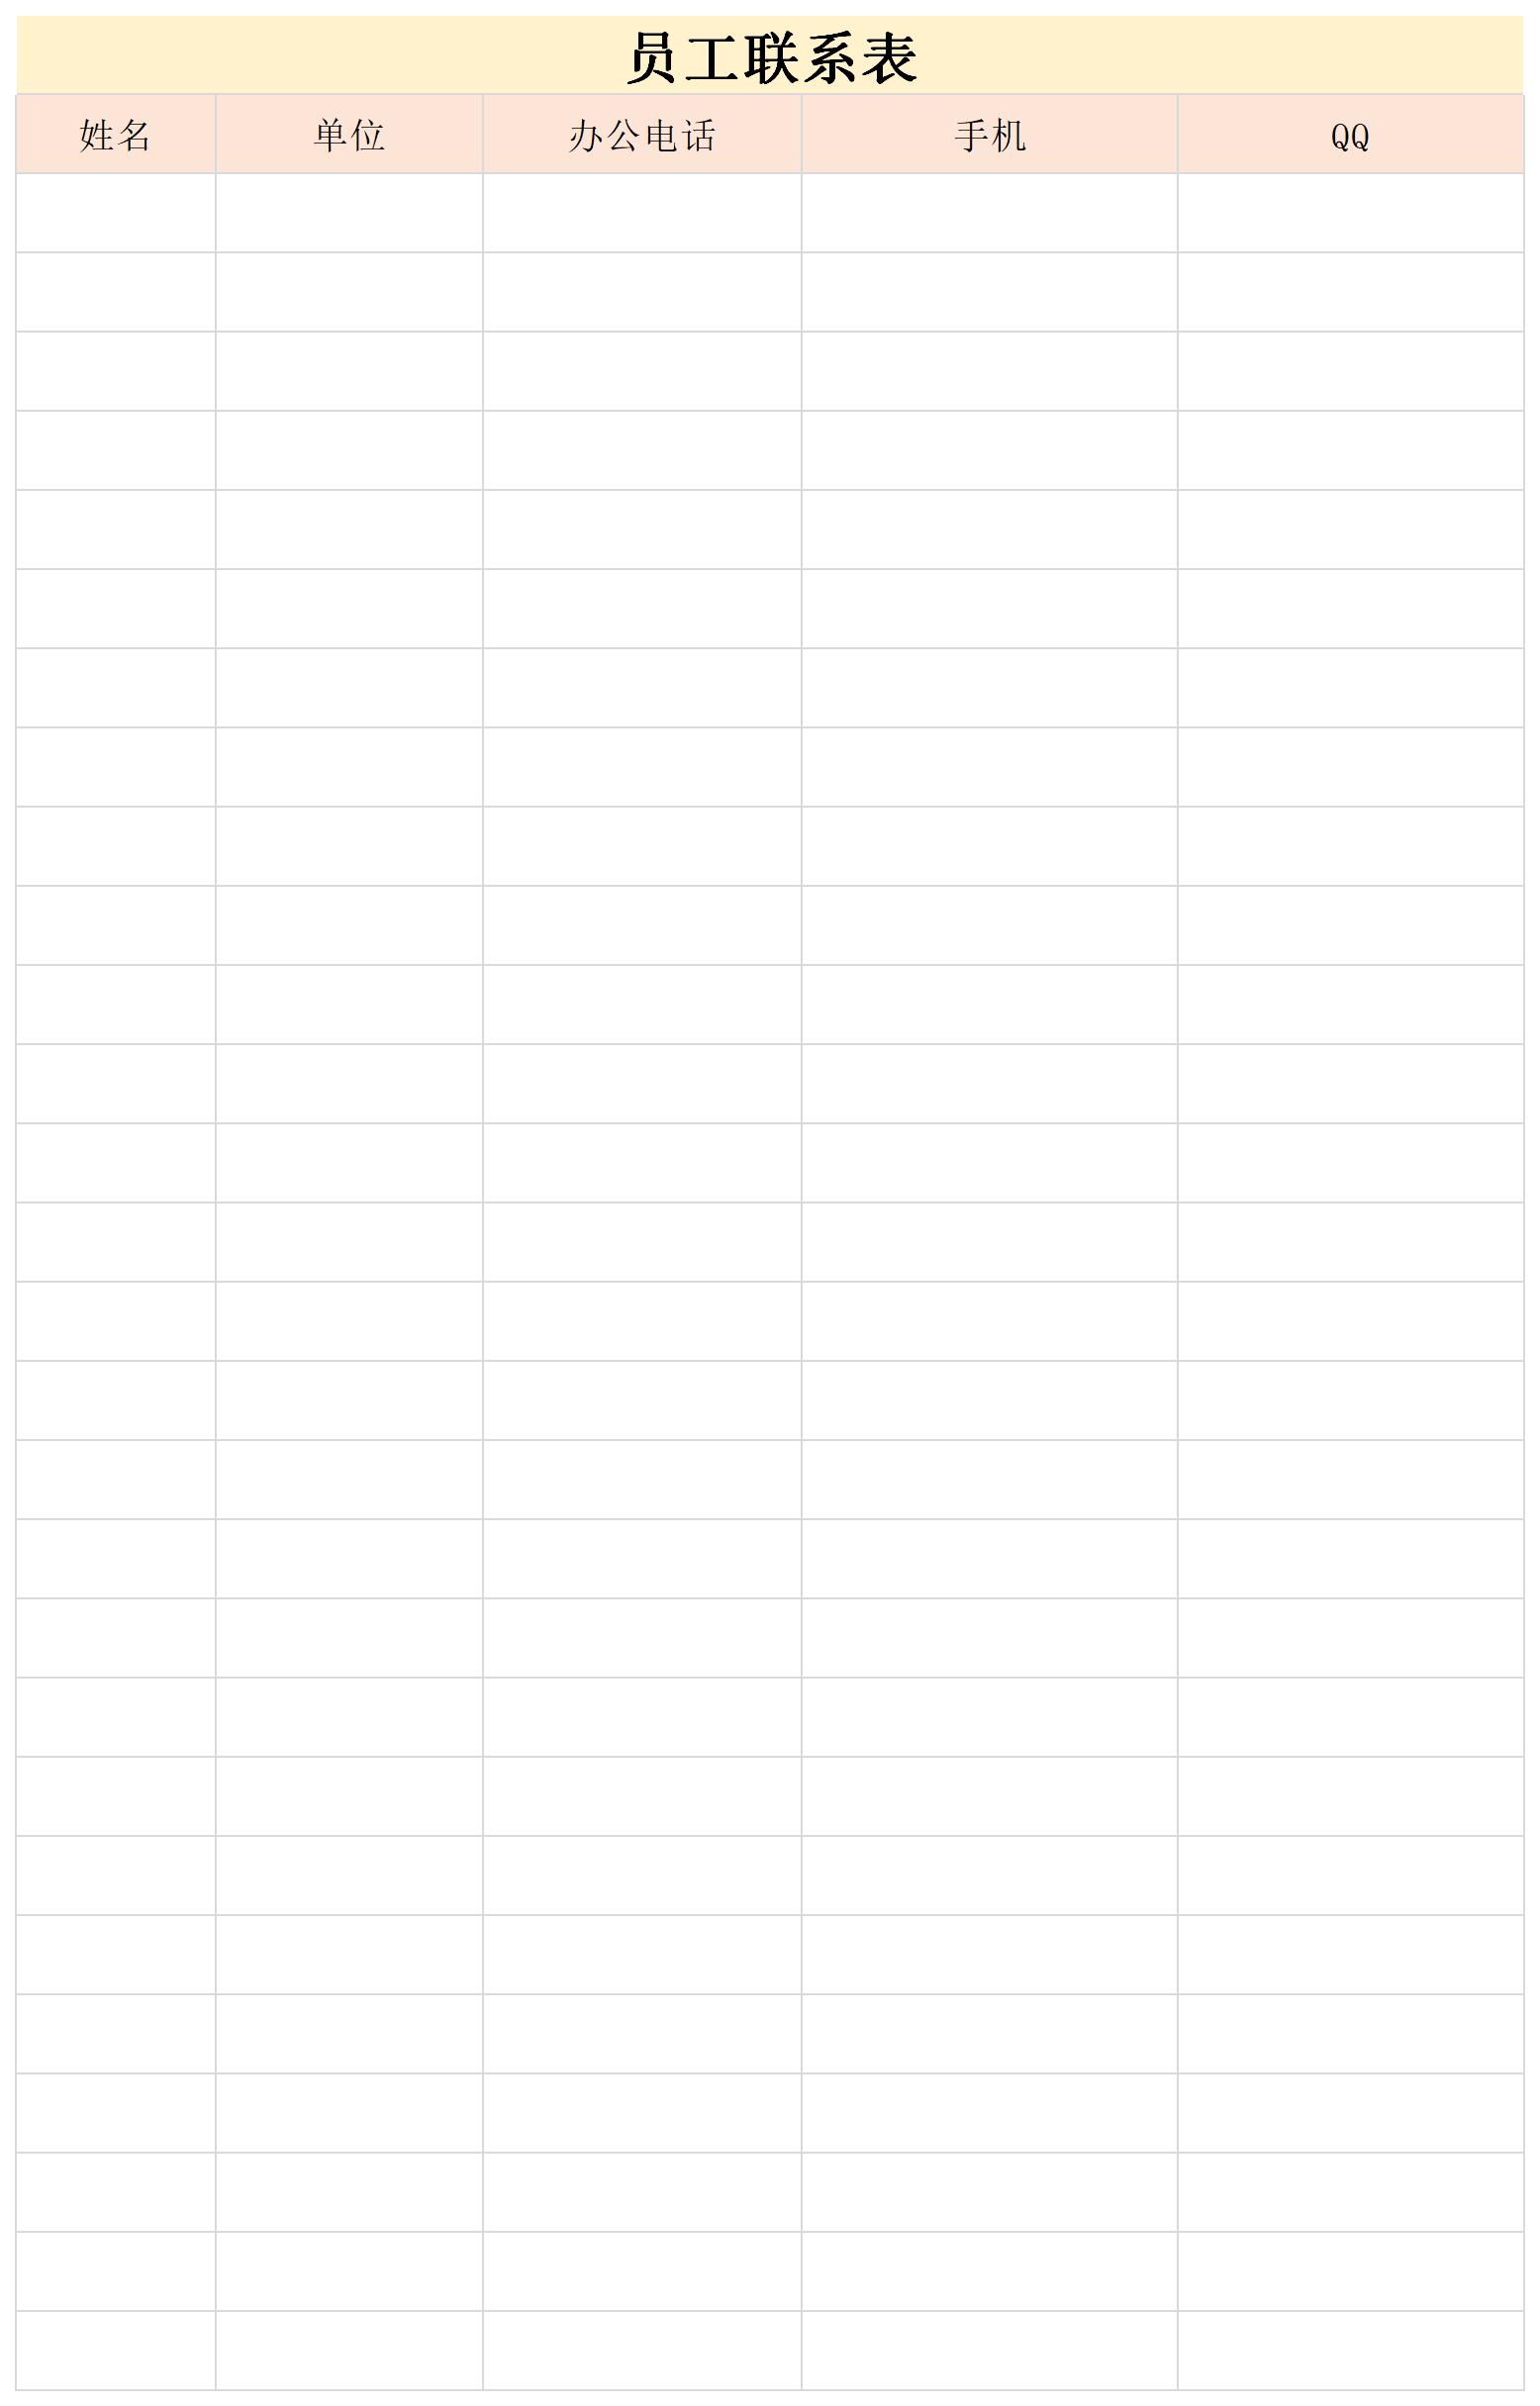 员工联系表截图